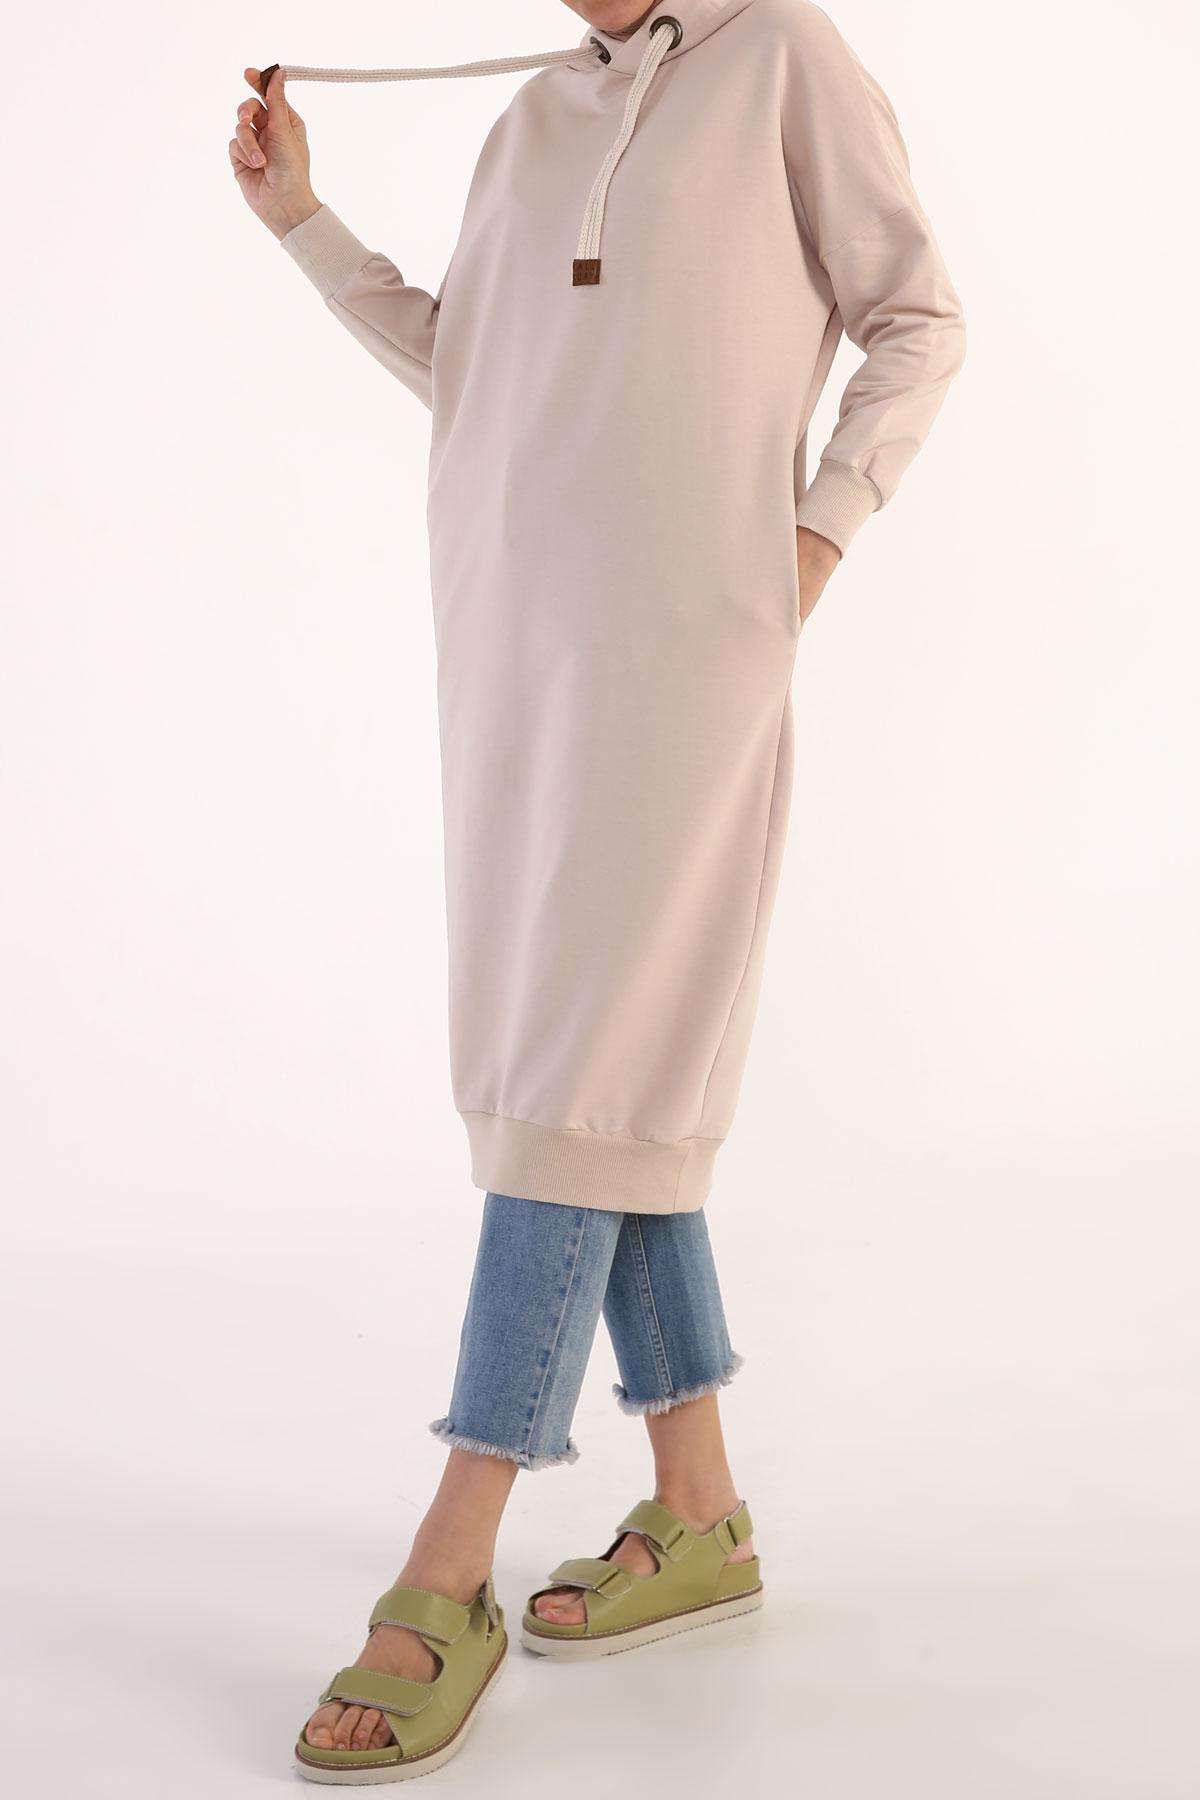 Comfy Sweatshirt Tunic With Pocket